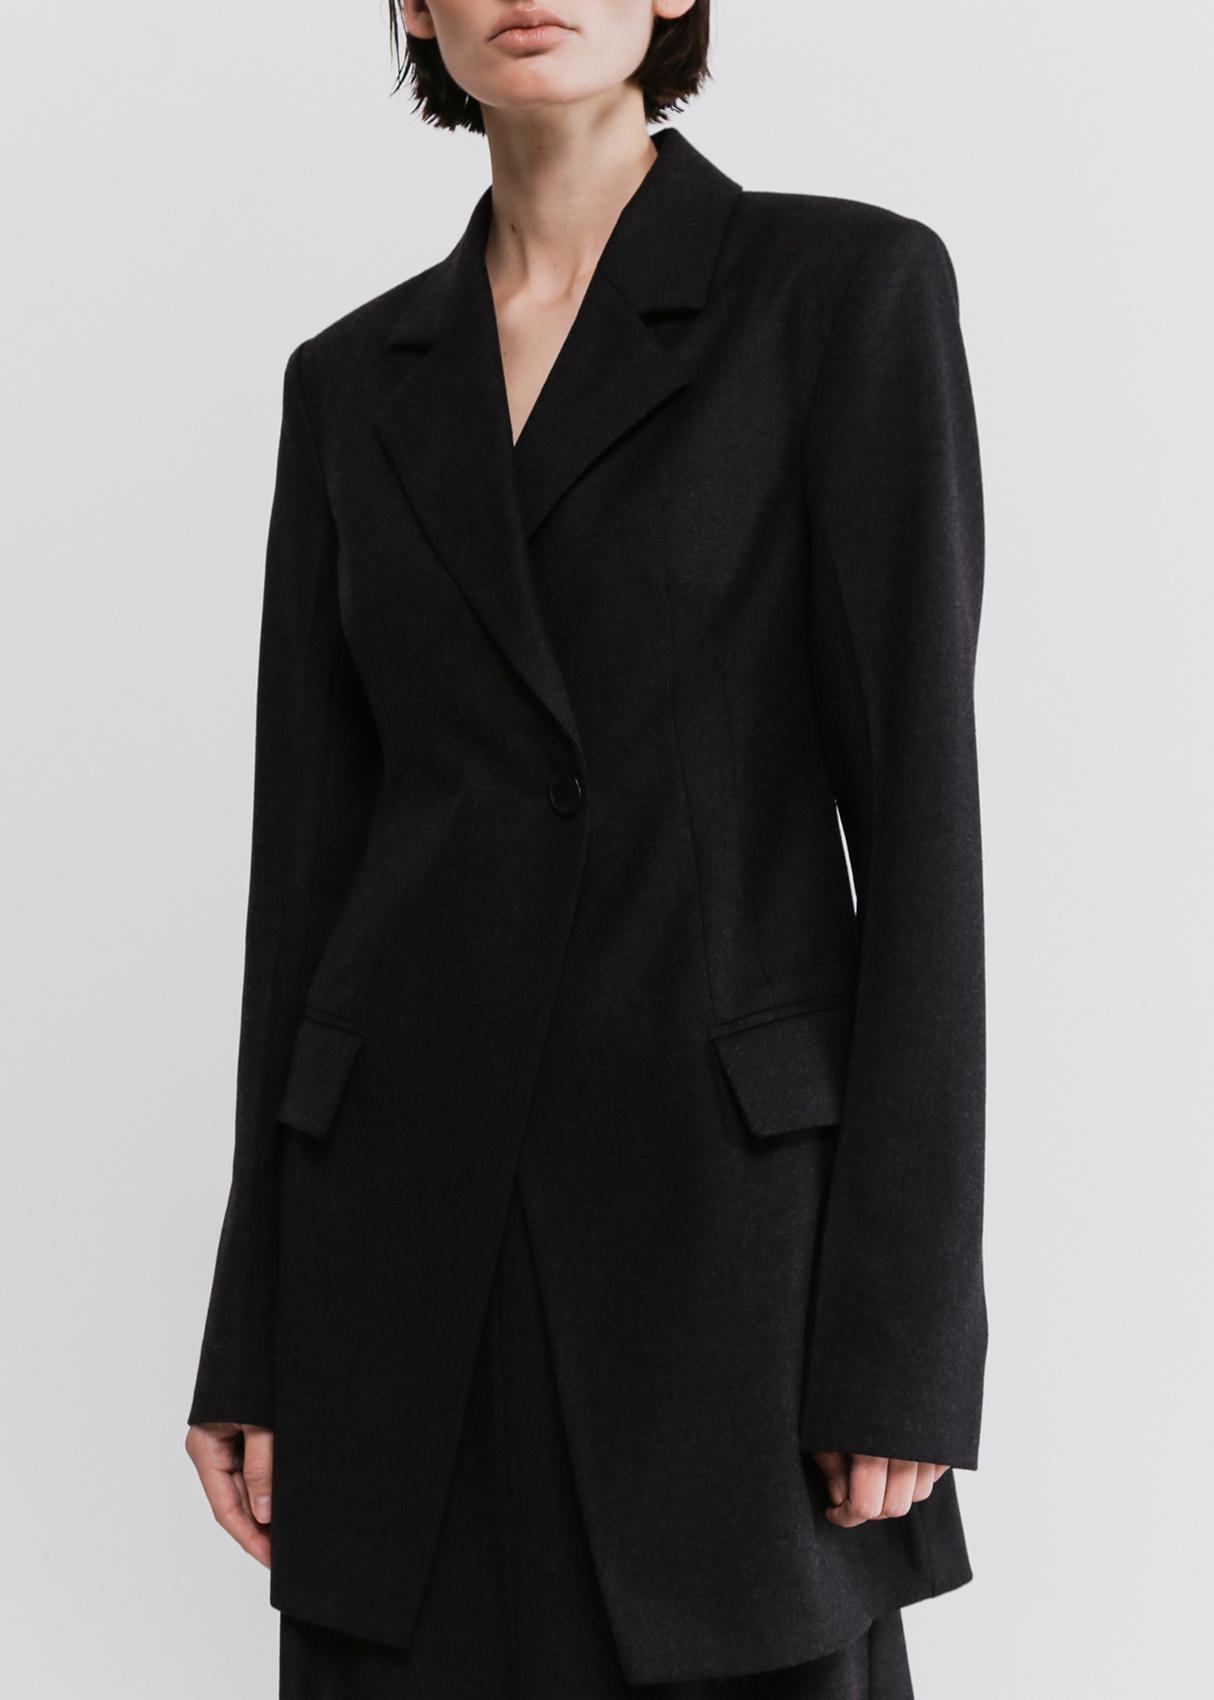 Приталенный пиджак Shako темно-серого цвета